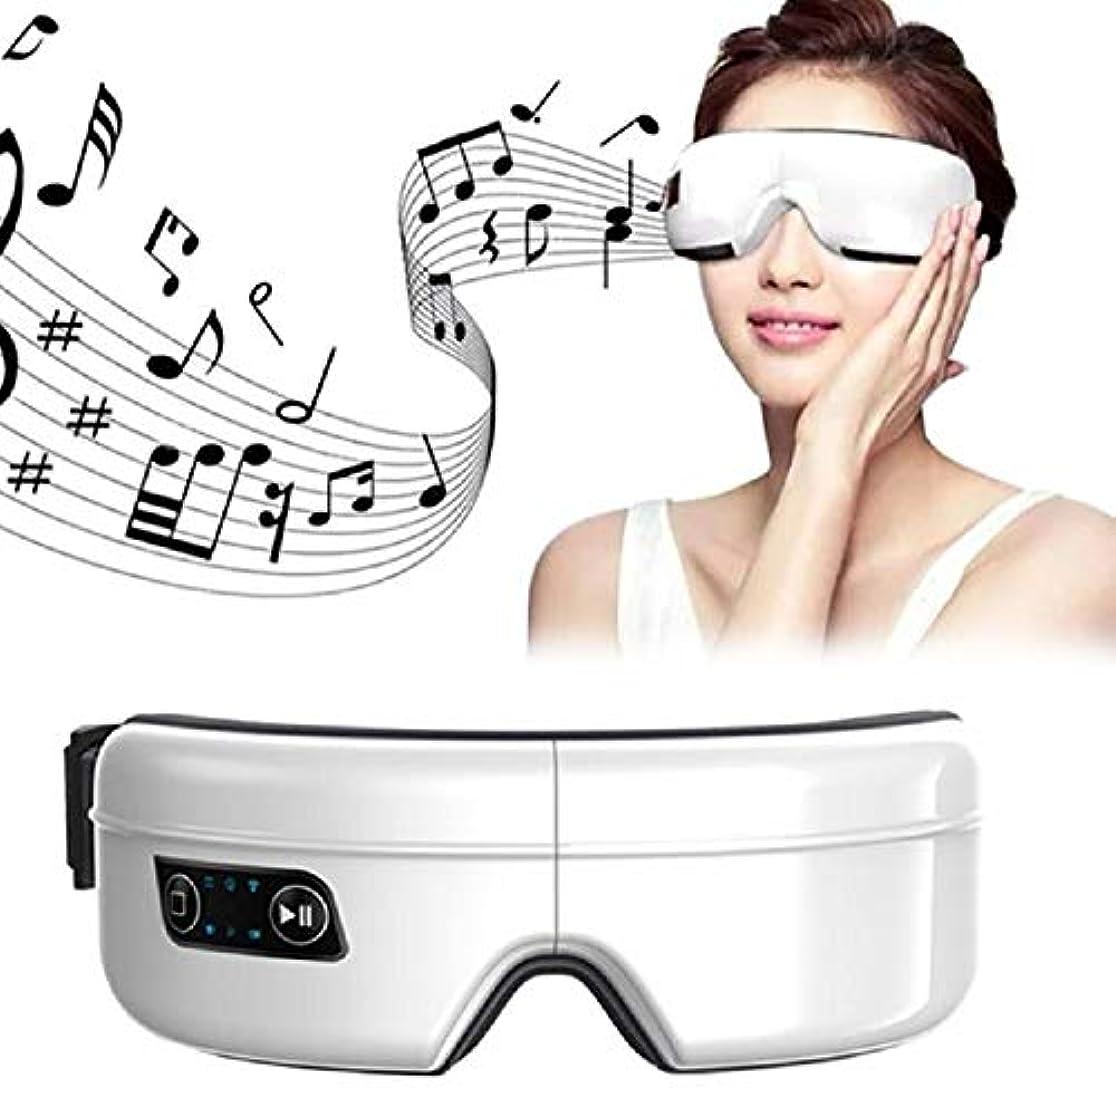 繁雑オートマトン成長するRuzzy 高度な電気ワイヤレスアイマッサージSPAの楽器、音楽充電式美容ツール 購入へようこそ